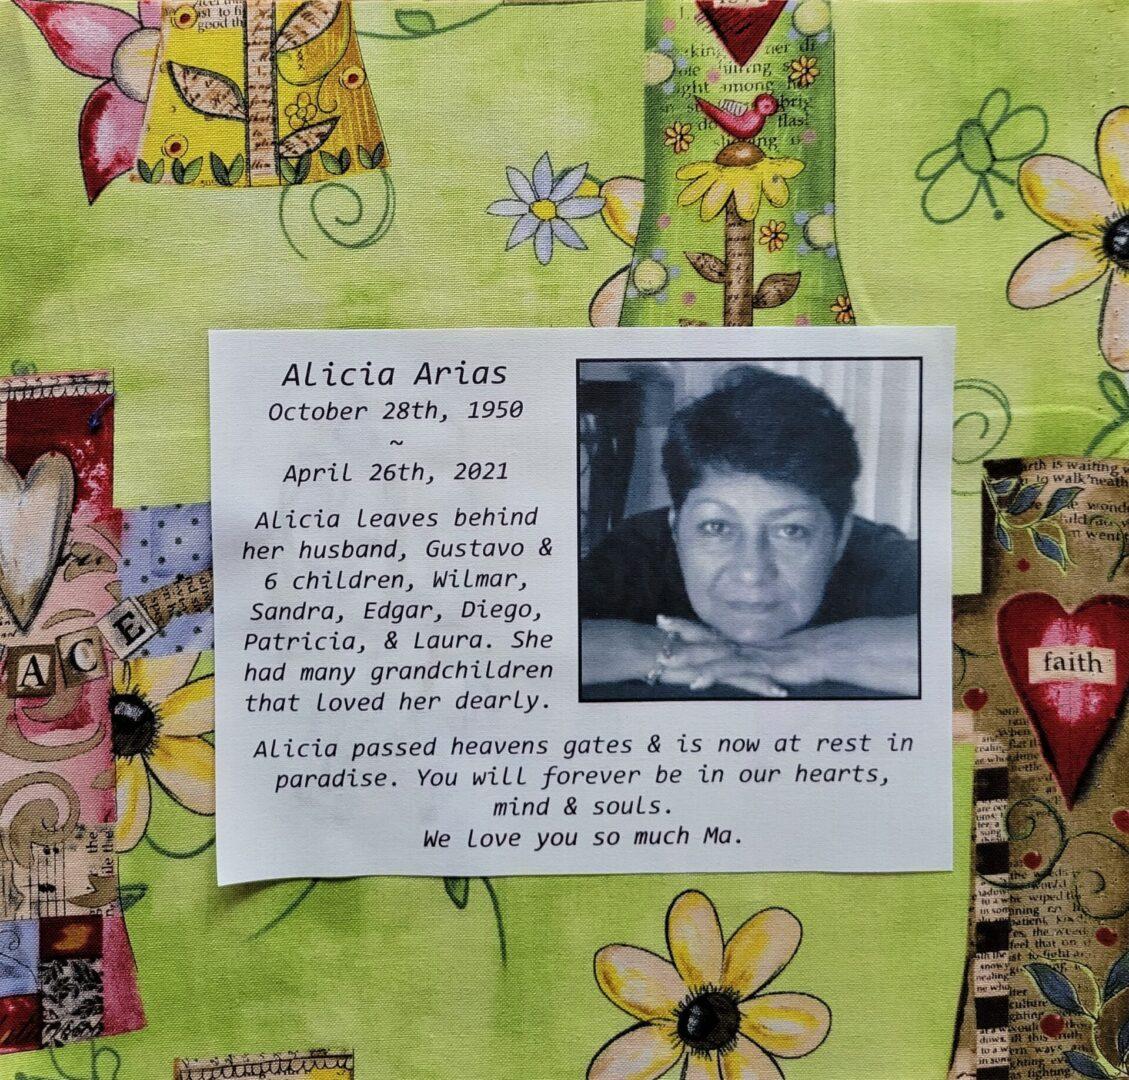 IN MEMORY OF ALICIA ARIAS - OCTOBER 28, 1950 - APRIL 26, 2021